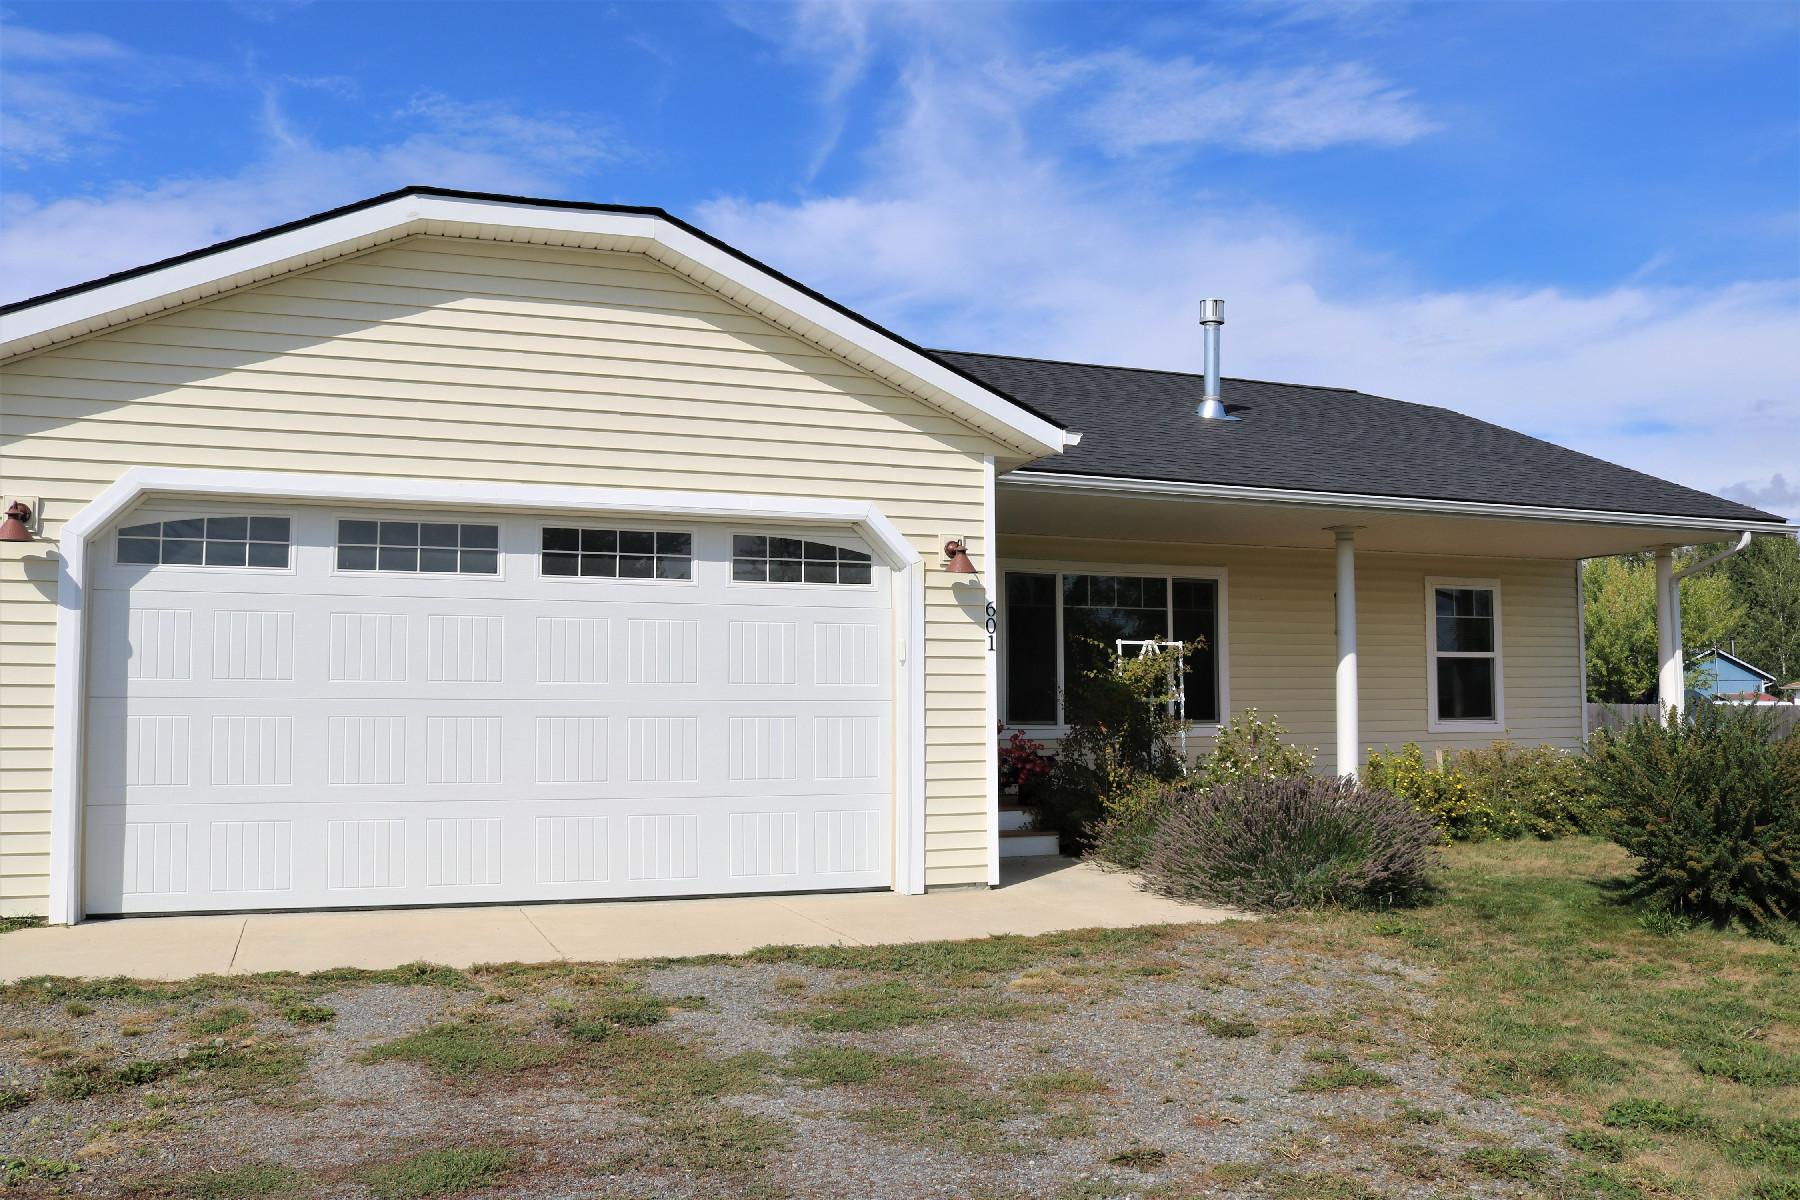 Single Family Homes for Sale at 601 McGhee Road 601 McGhee Court Kootenai, Idaho 83840 United States